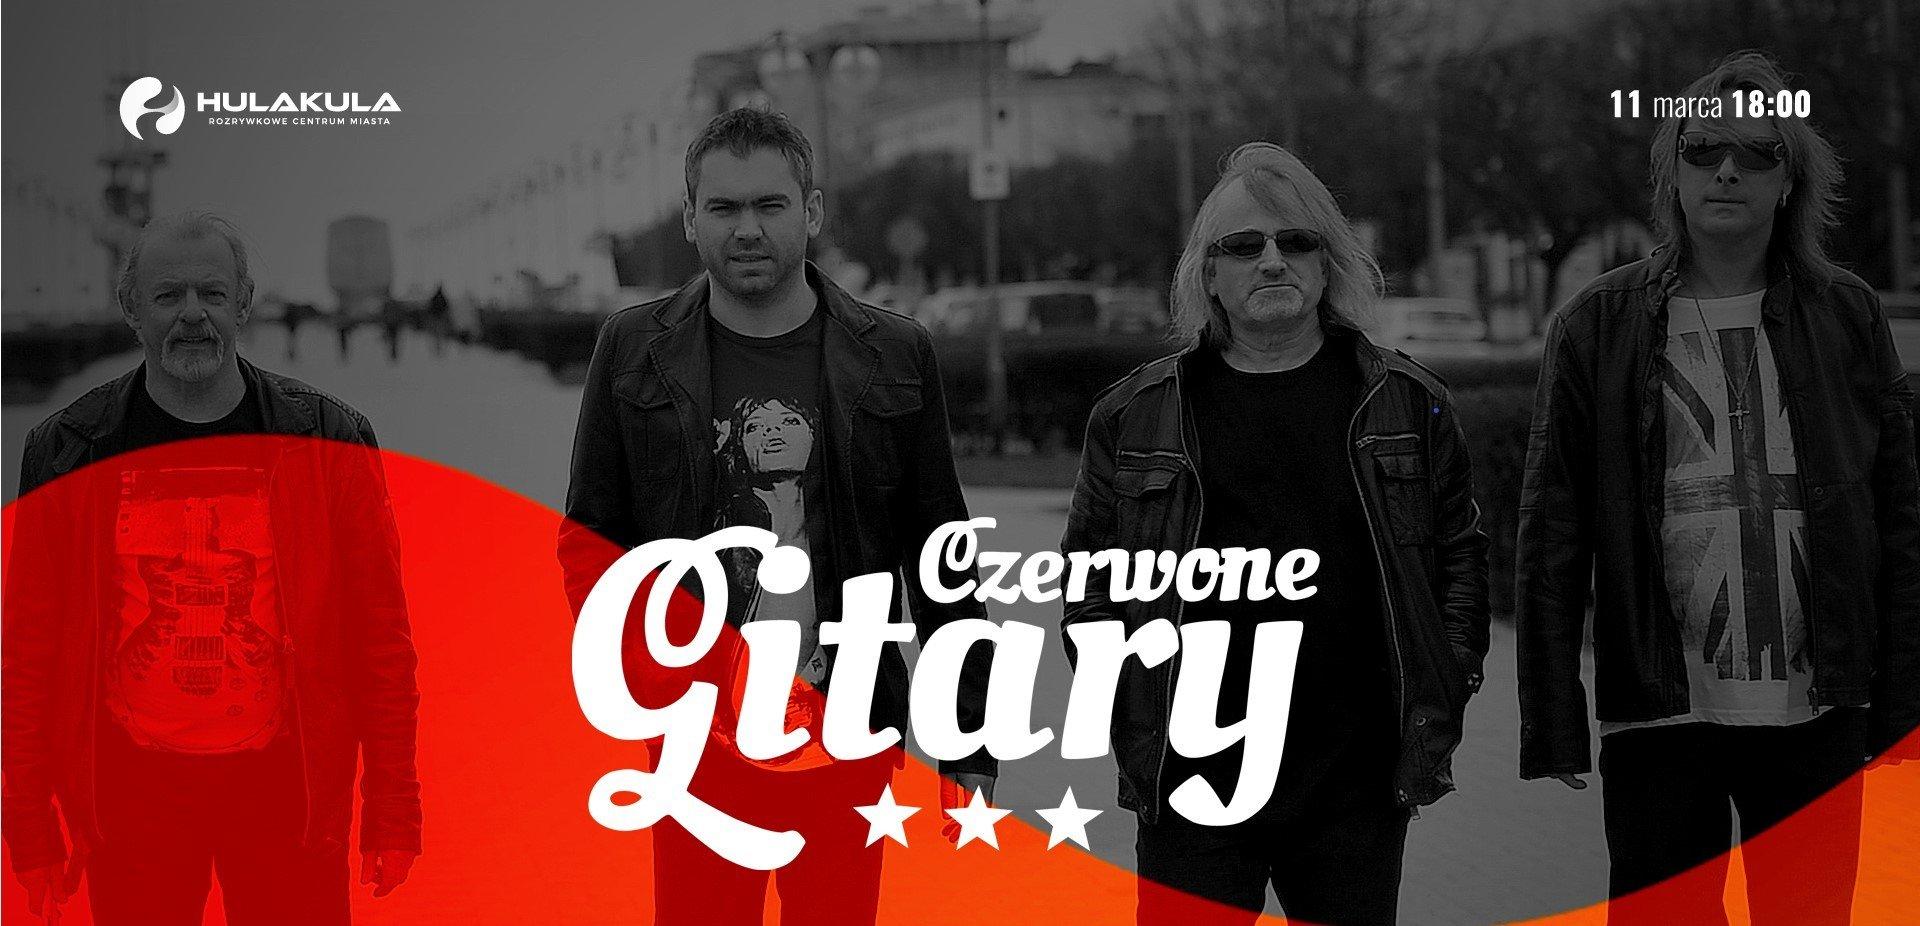 Legenda polskiej muzyki – grupa Czerwone Gitary wystąpi w Hulakula